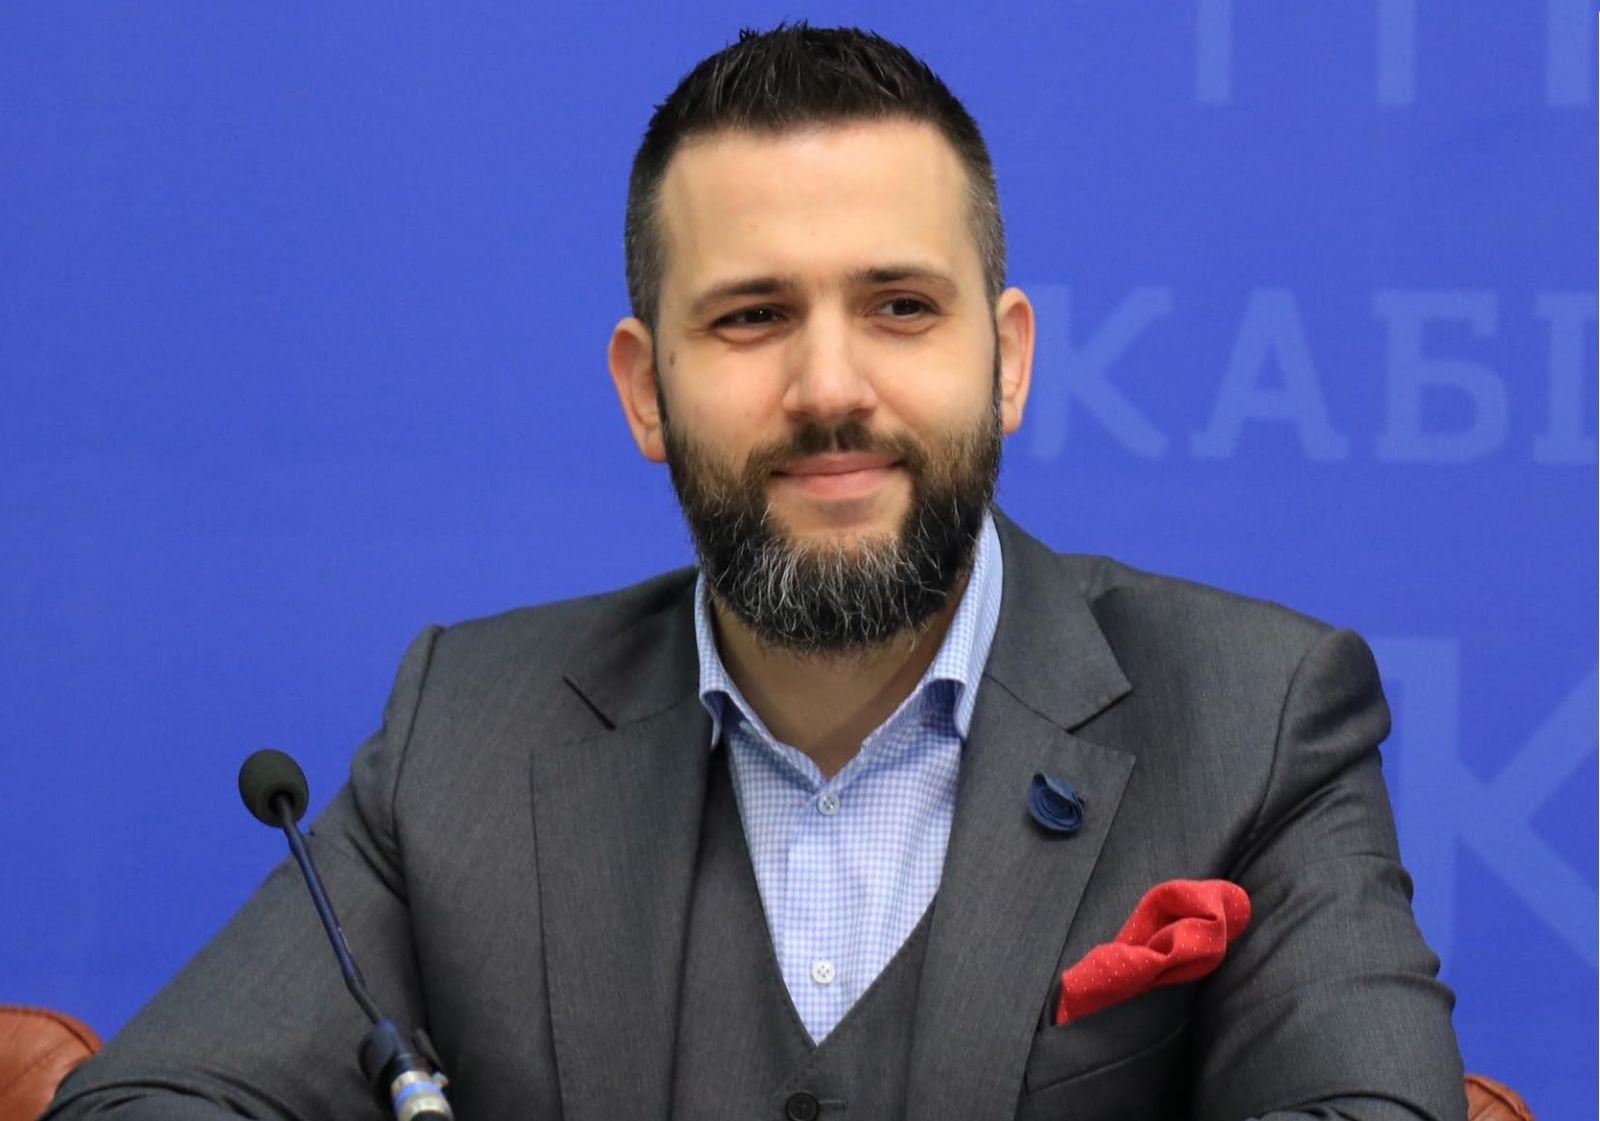 Нефьодов хочет прослушку для таможни и уголовную ответственность за контрабанду